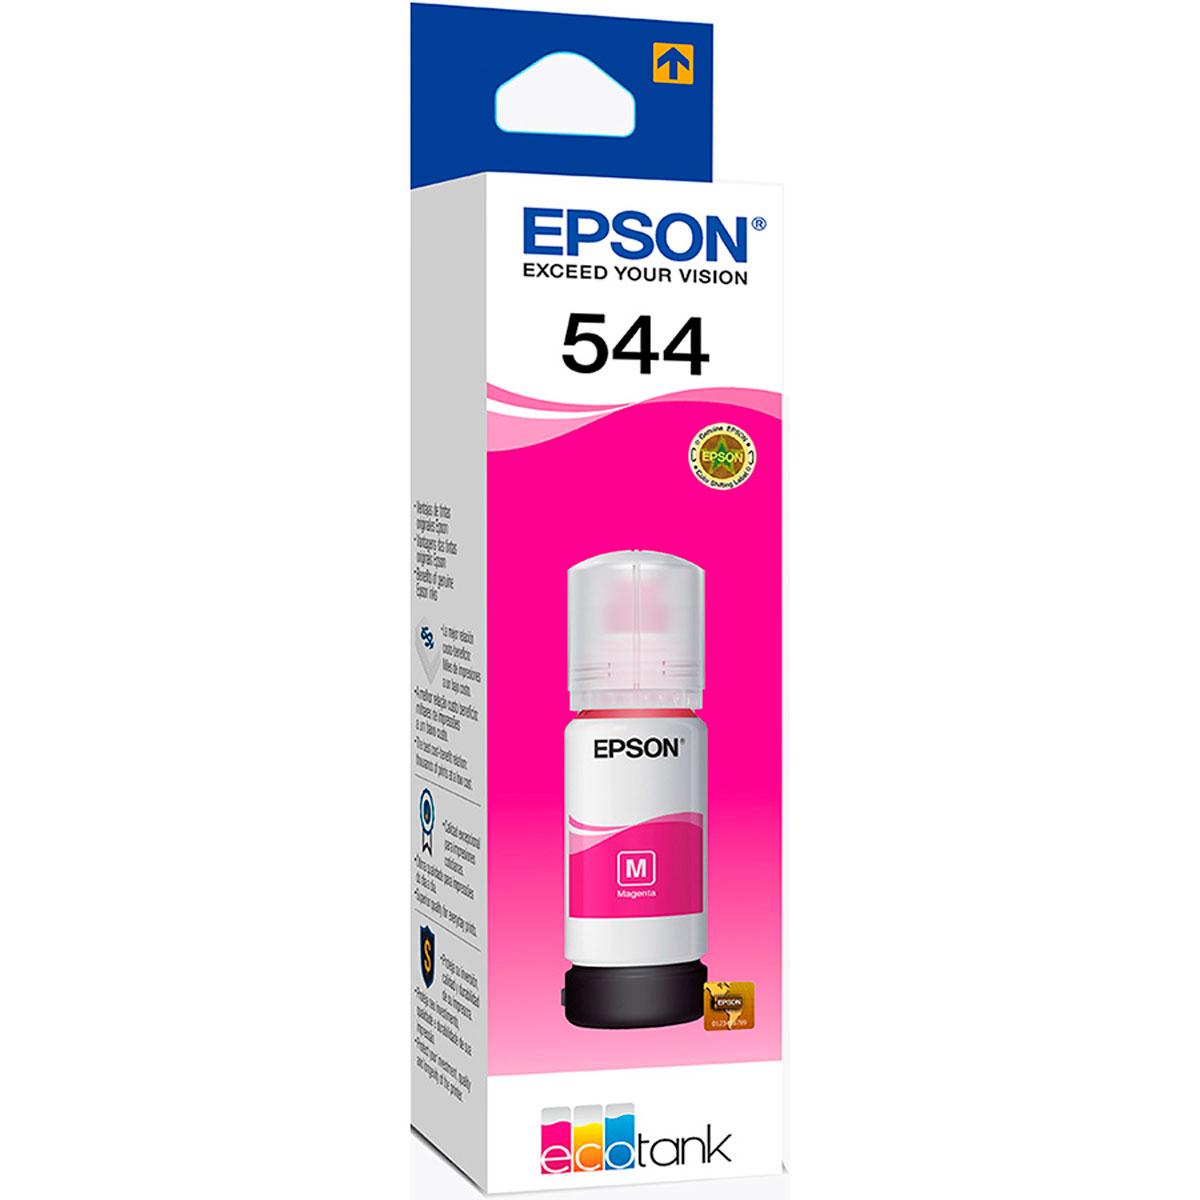 Refil de Tinta Epson T544 Magenta 65ML para Impressoras L3110 / L3150 / L5190 - T544320